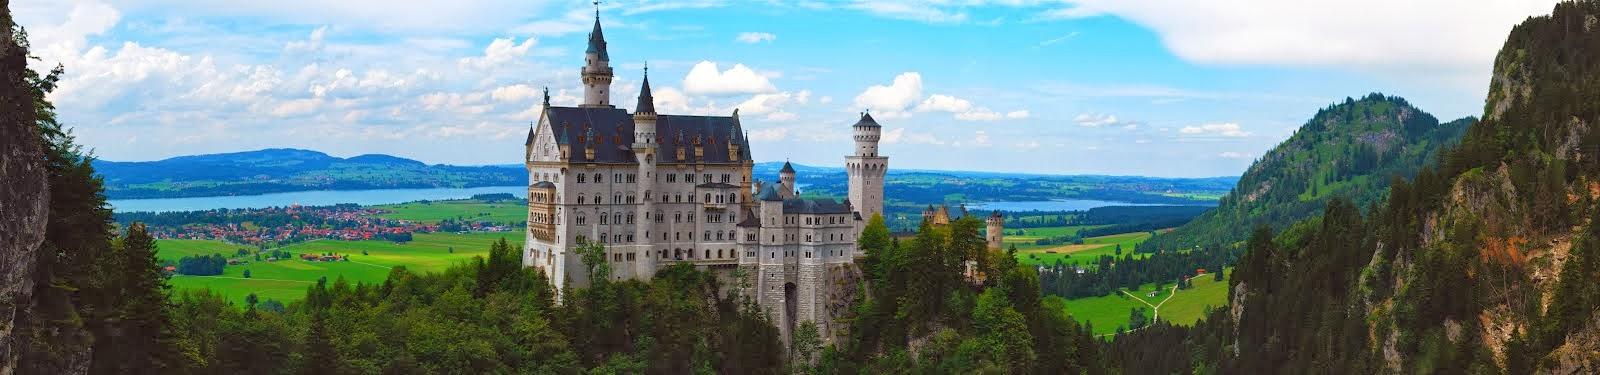 Neuschwanstein & Hohenschwangau Castles